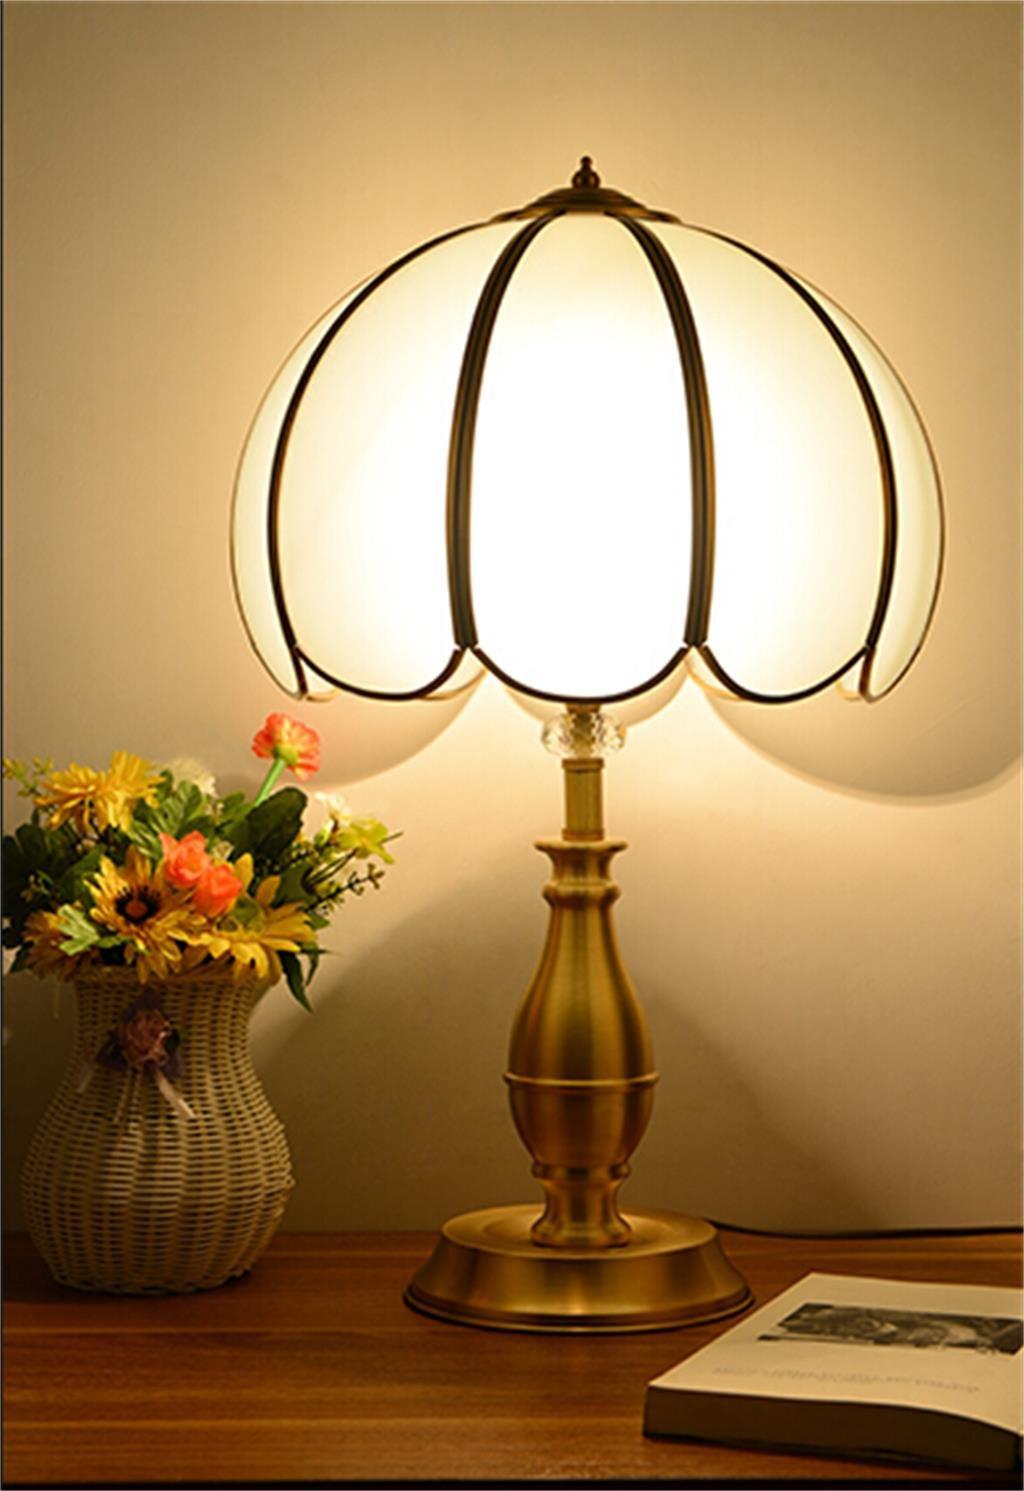 Retro Tischleuchte kontinental warm kreativ Salon Schlafzimmer Kupferlampen einfach Kunst Klassik Dekoration Nachttischlampe Blütenblatt